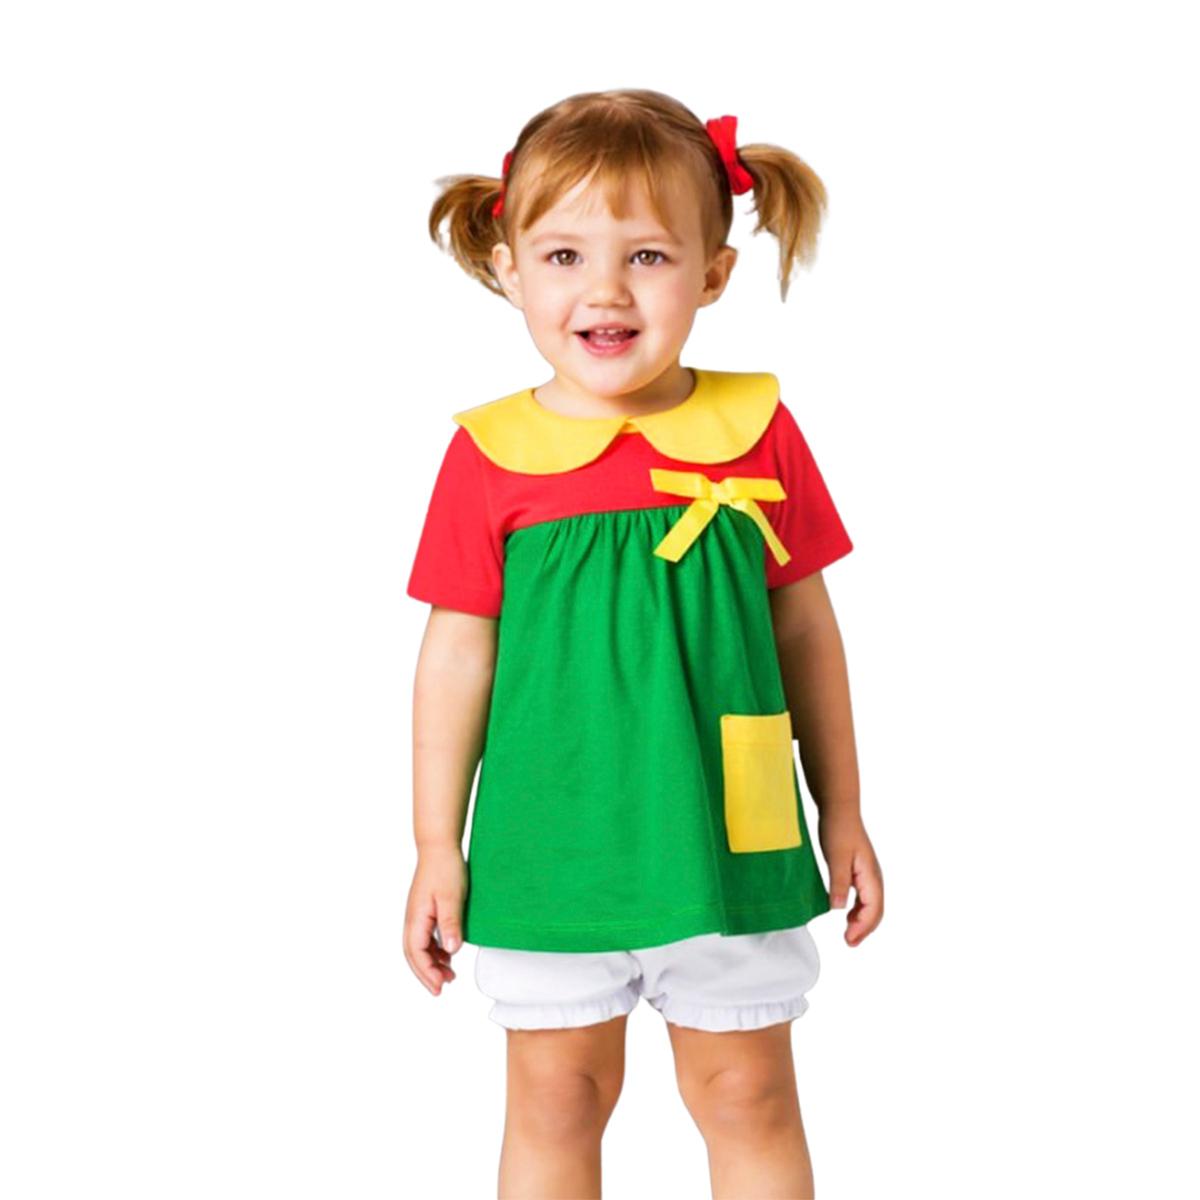 Pijama bebê chiquinha bolso lateral short curto verão